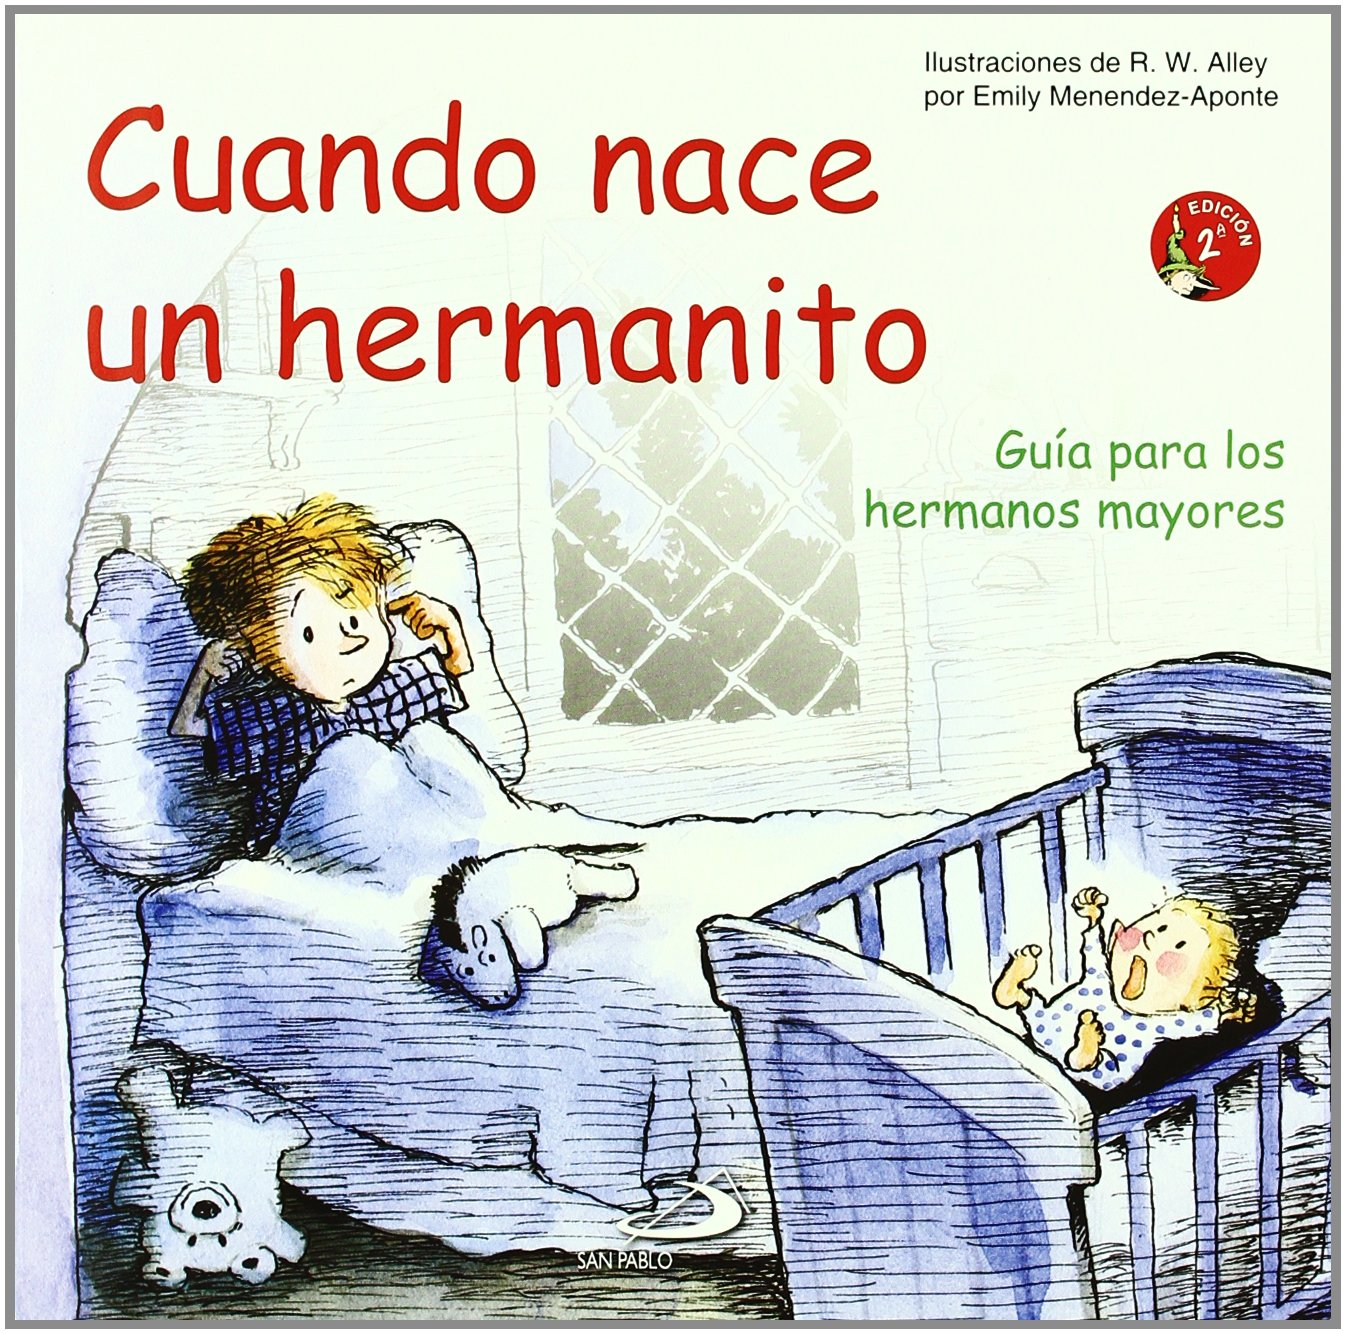 Cuando nace un hermanito: Guía para los hermanos mayores Duendelibros para niños: Amazon.es: Emily Menendez-Aponte, R. W. Alley, Gertrudis Criado Rubio: ...